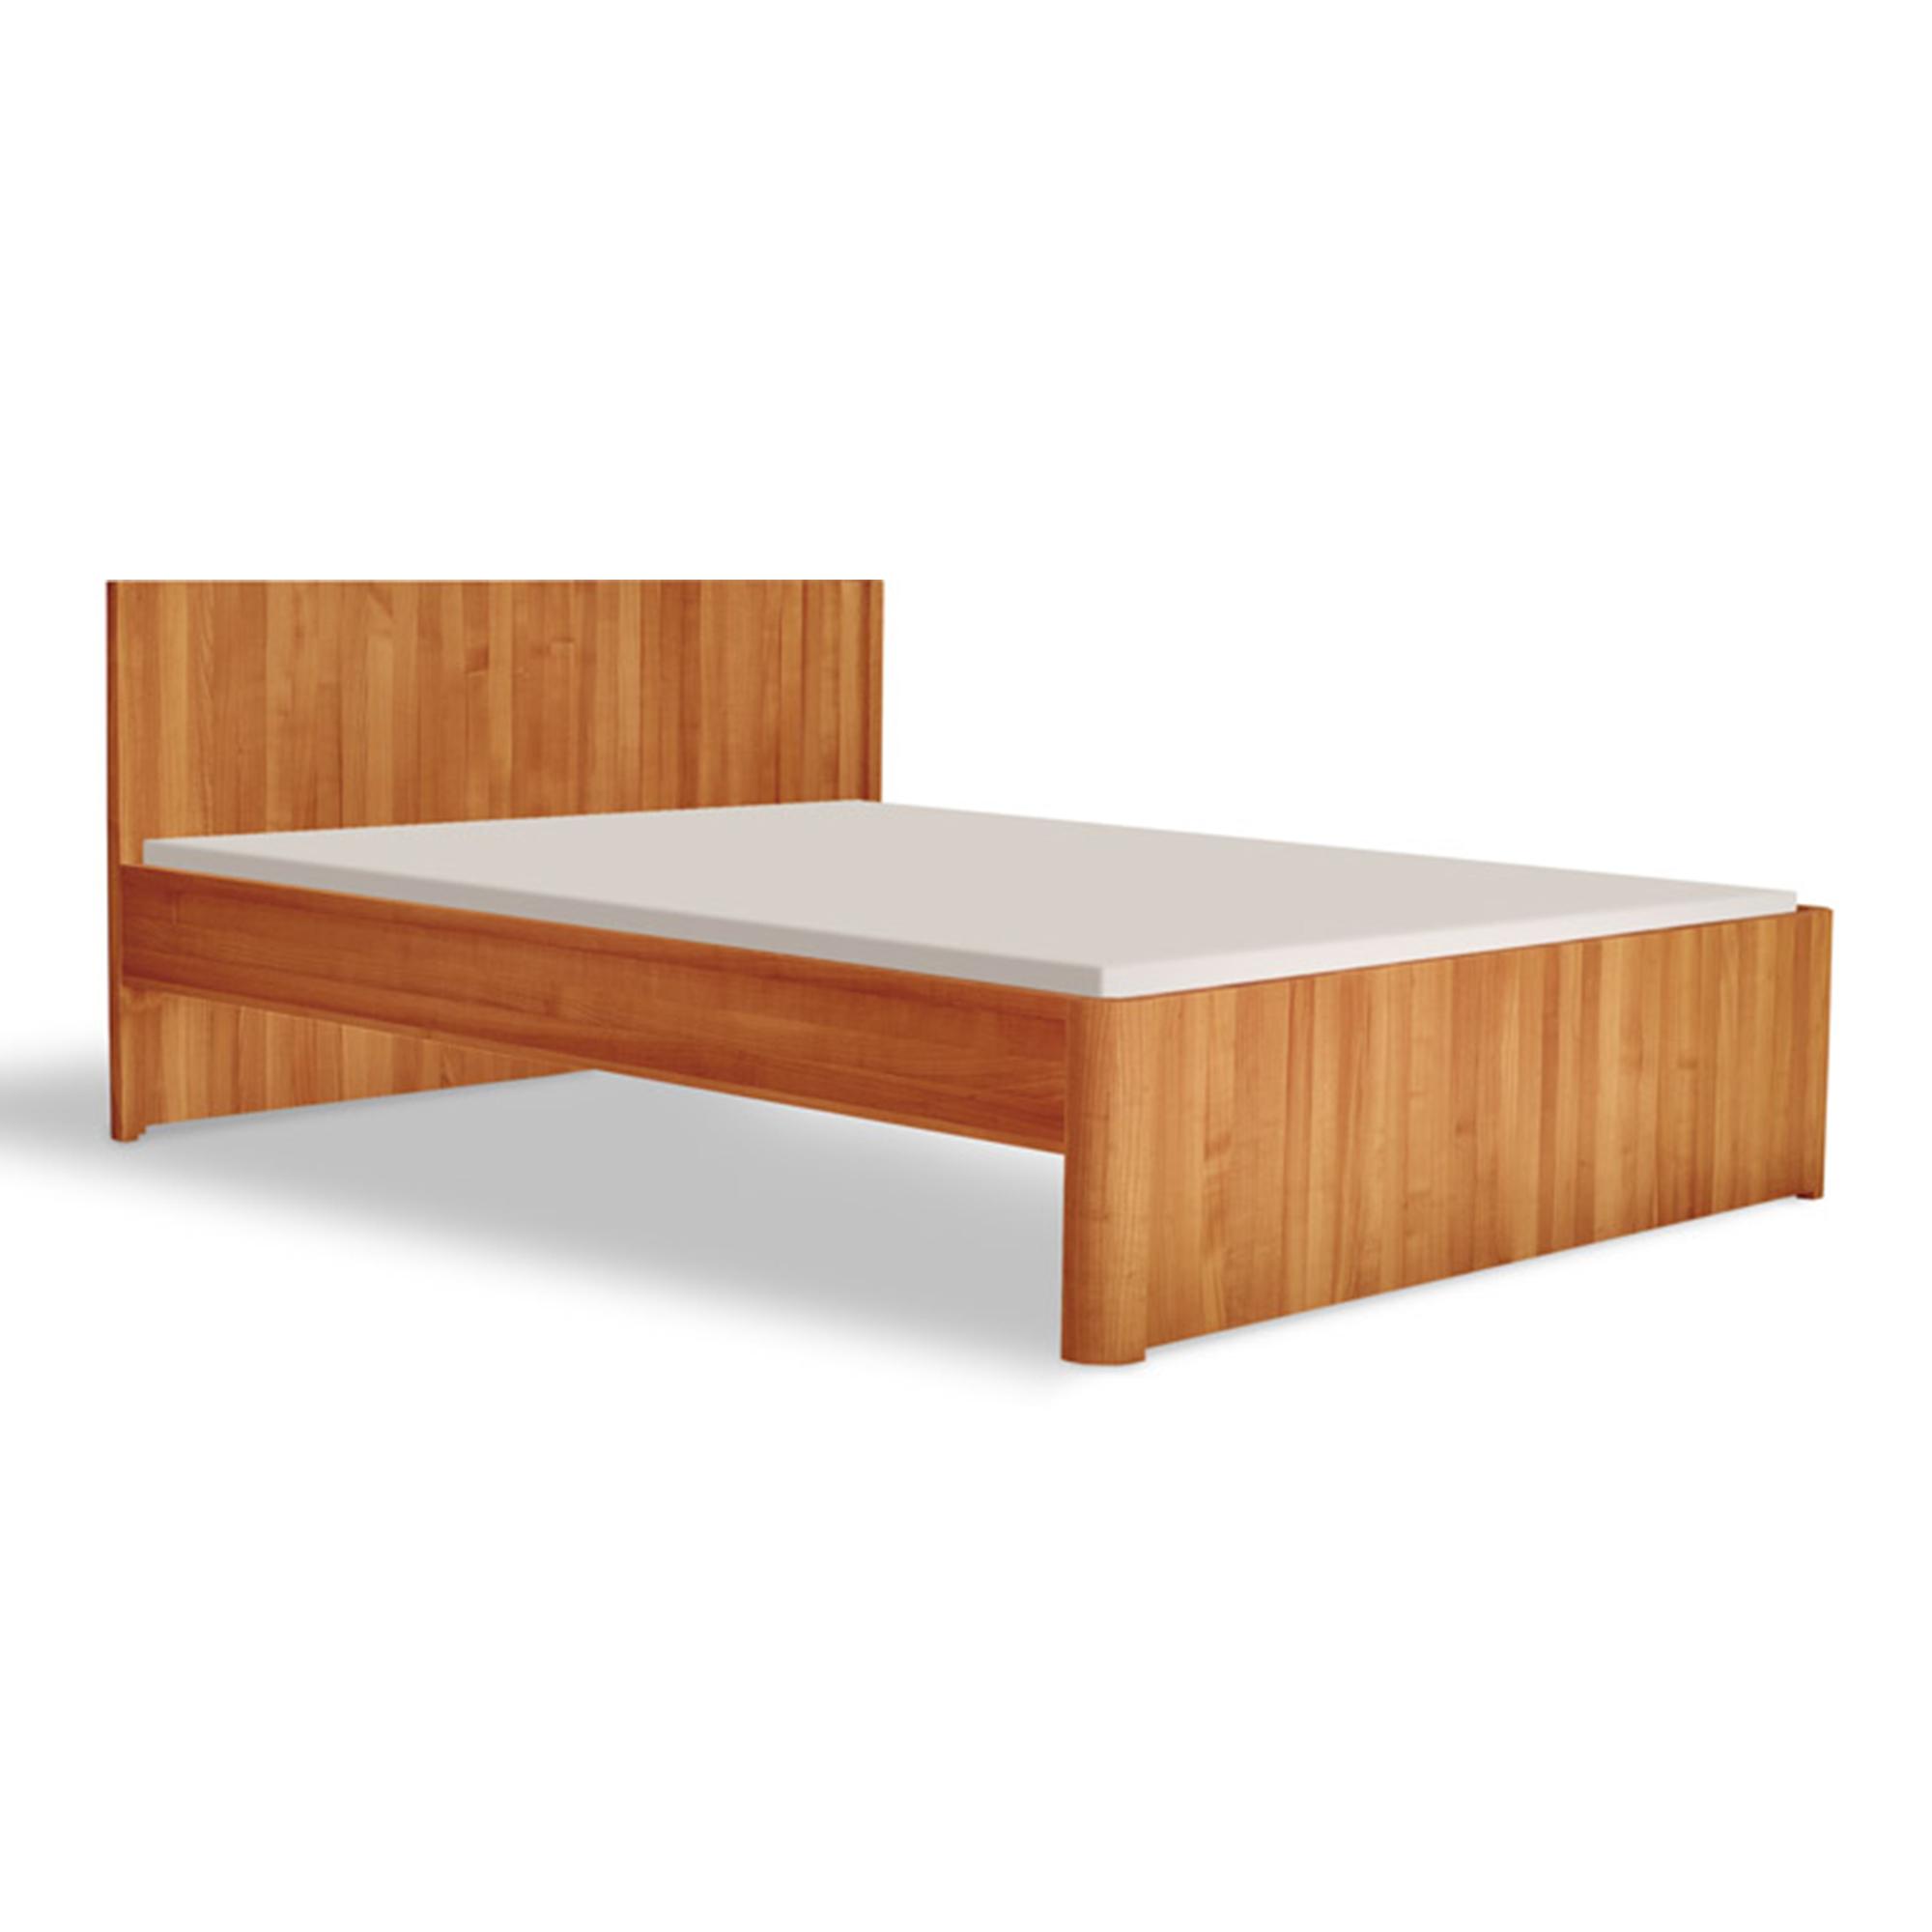 rast möbeldesign Lounge Massivholzbett